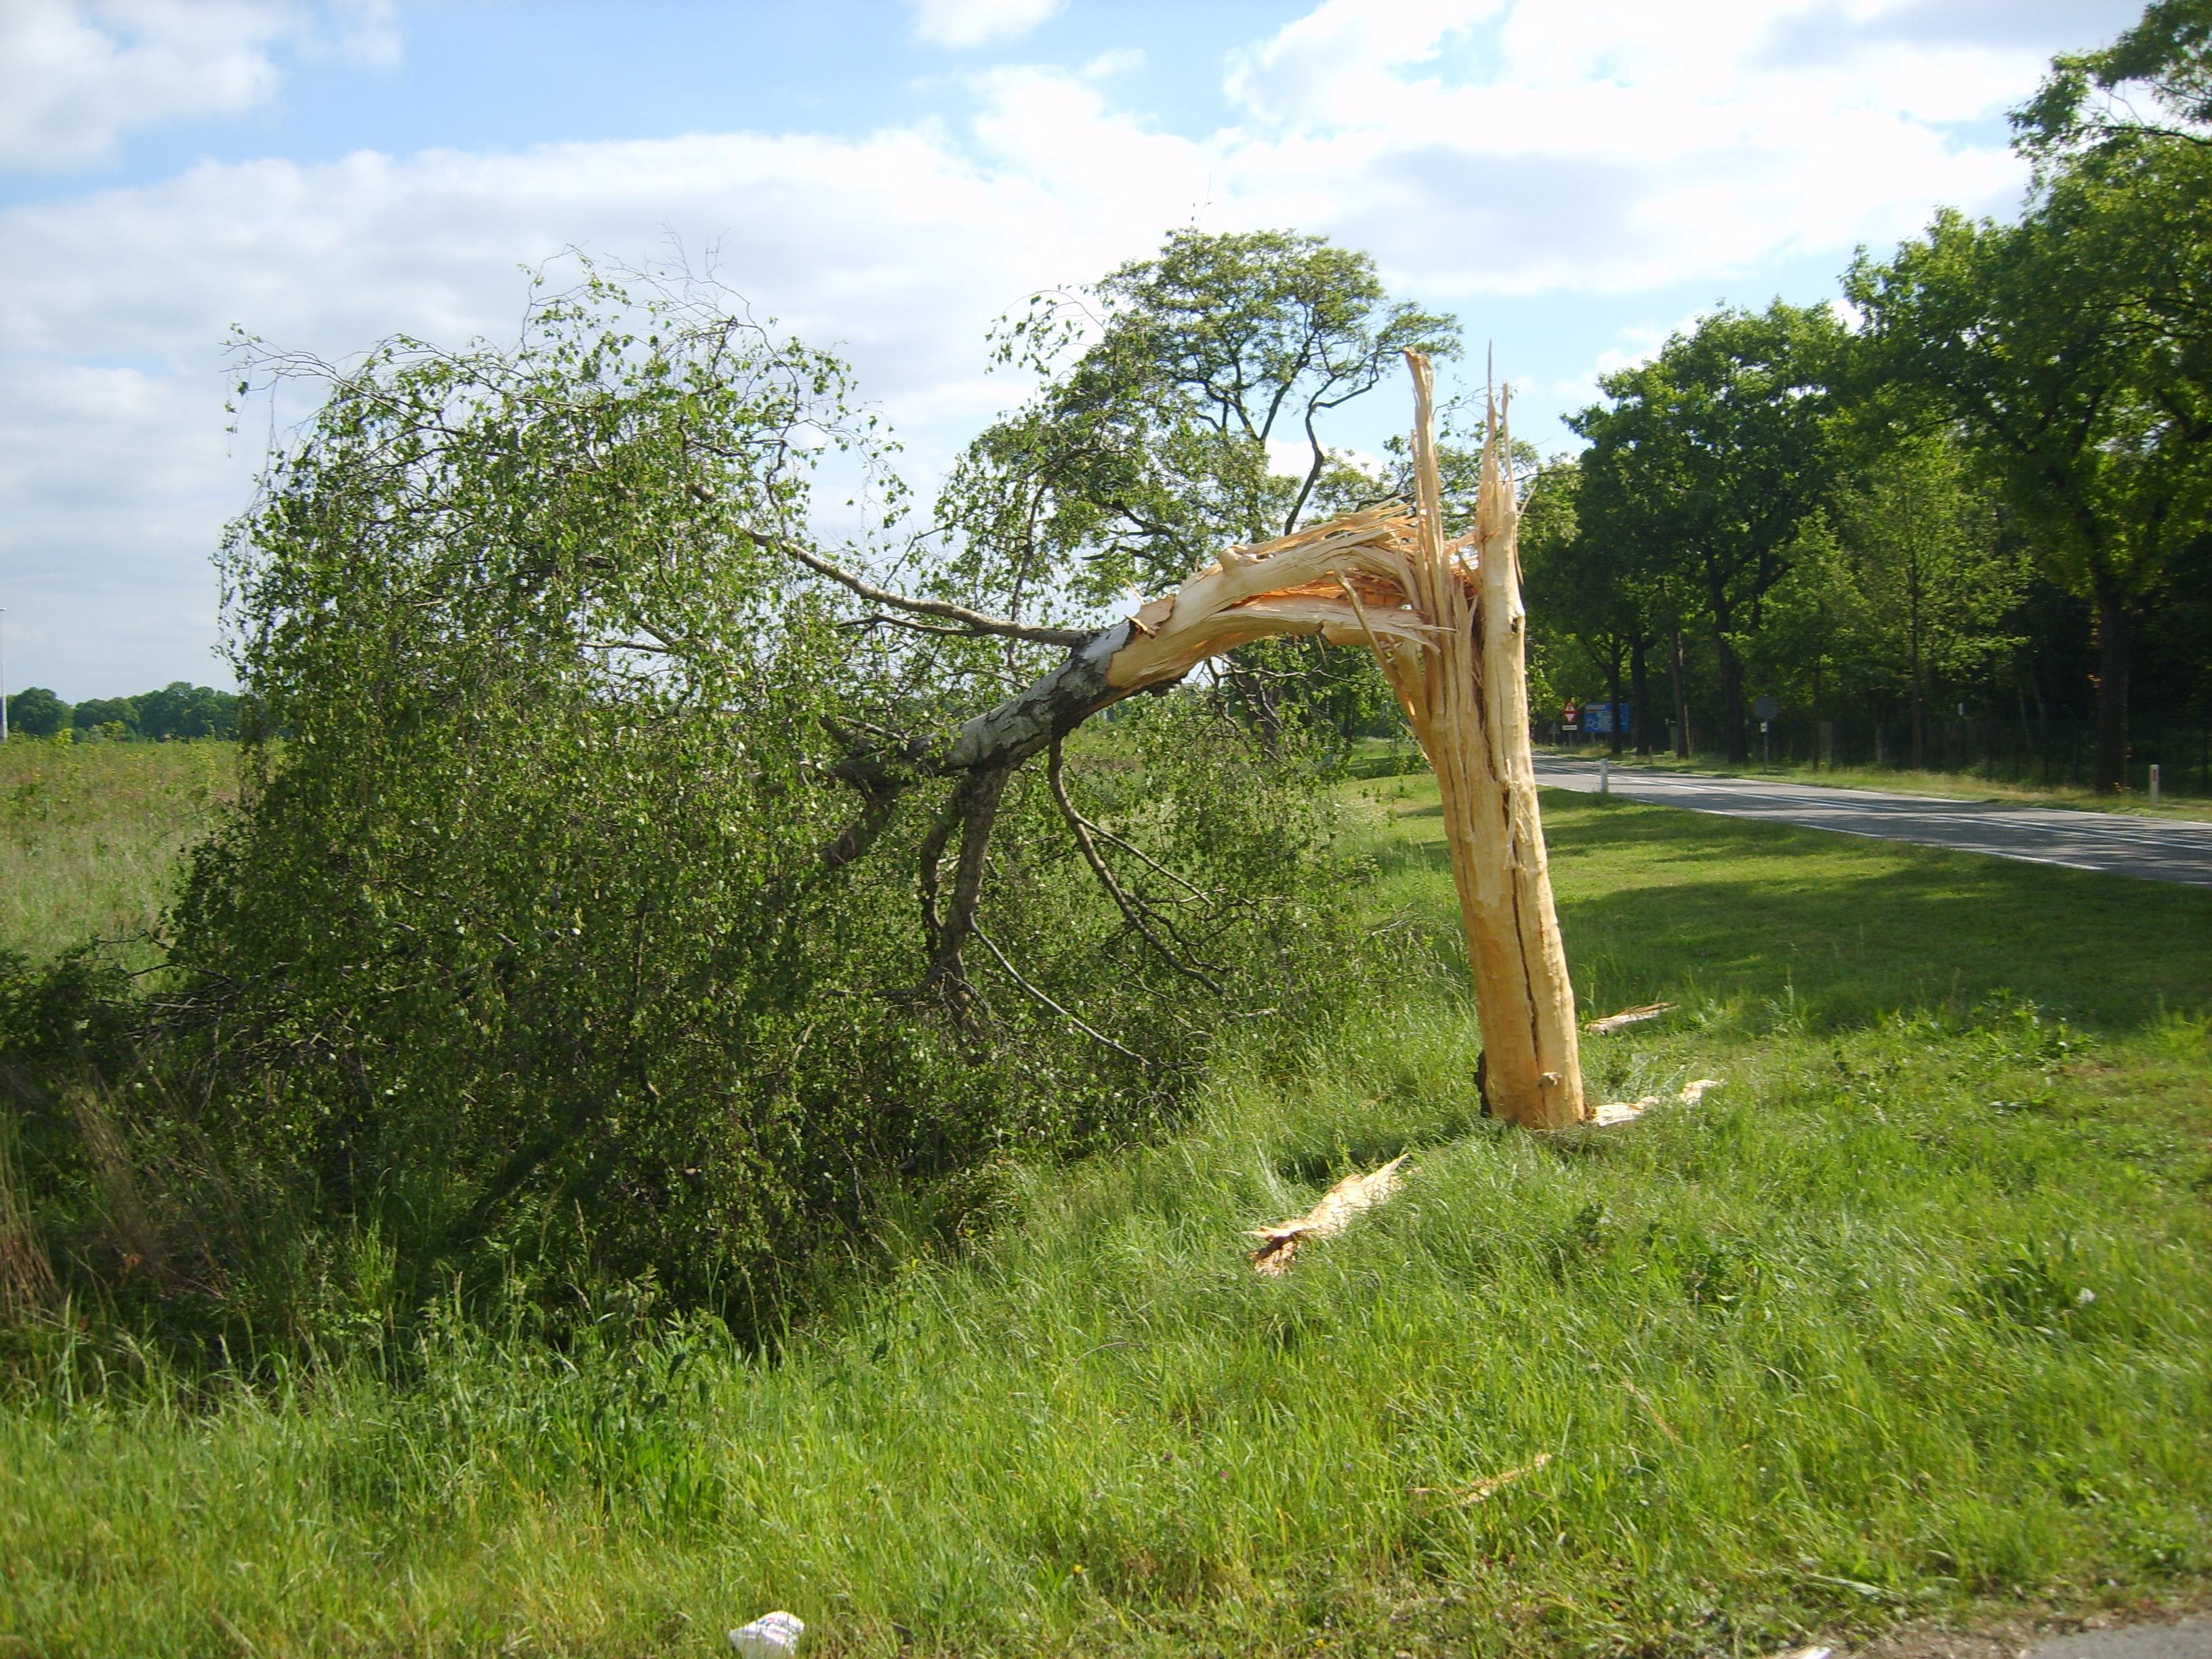 Bliksem inslag in een boom (gelukkig niet in mijn antenne)